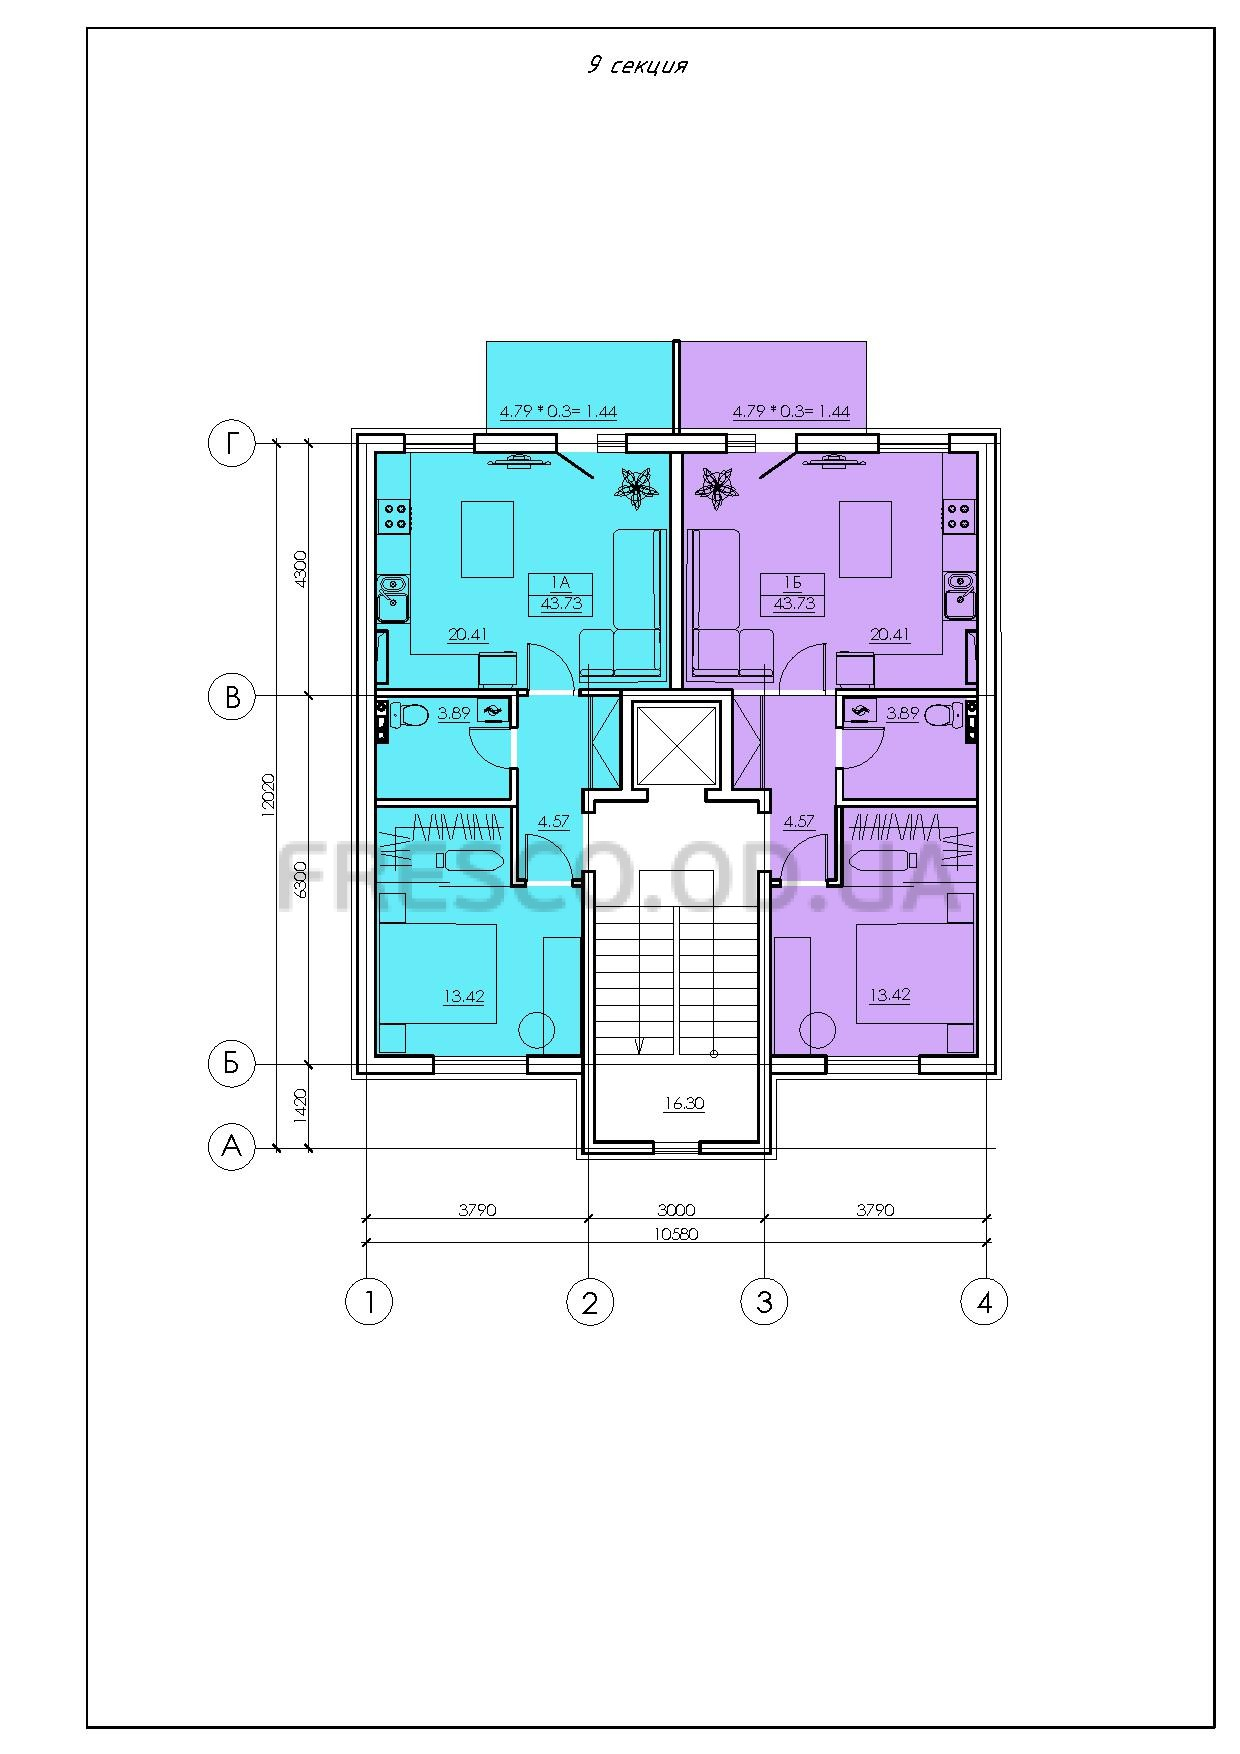 ЖК VENTUM (Вентум) 9 секция план типового этажа